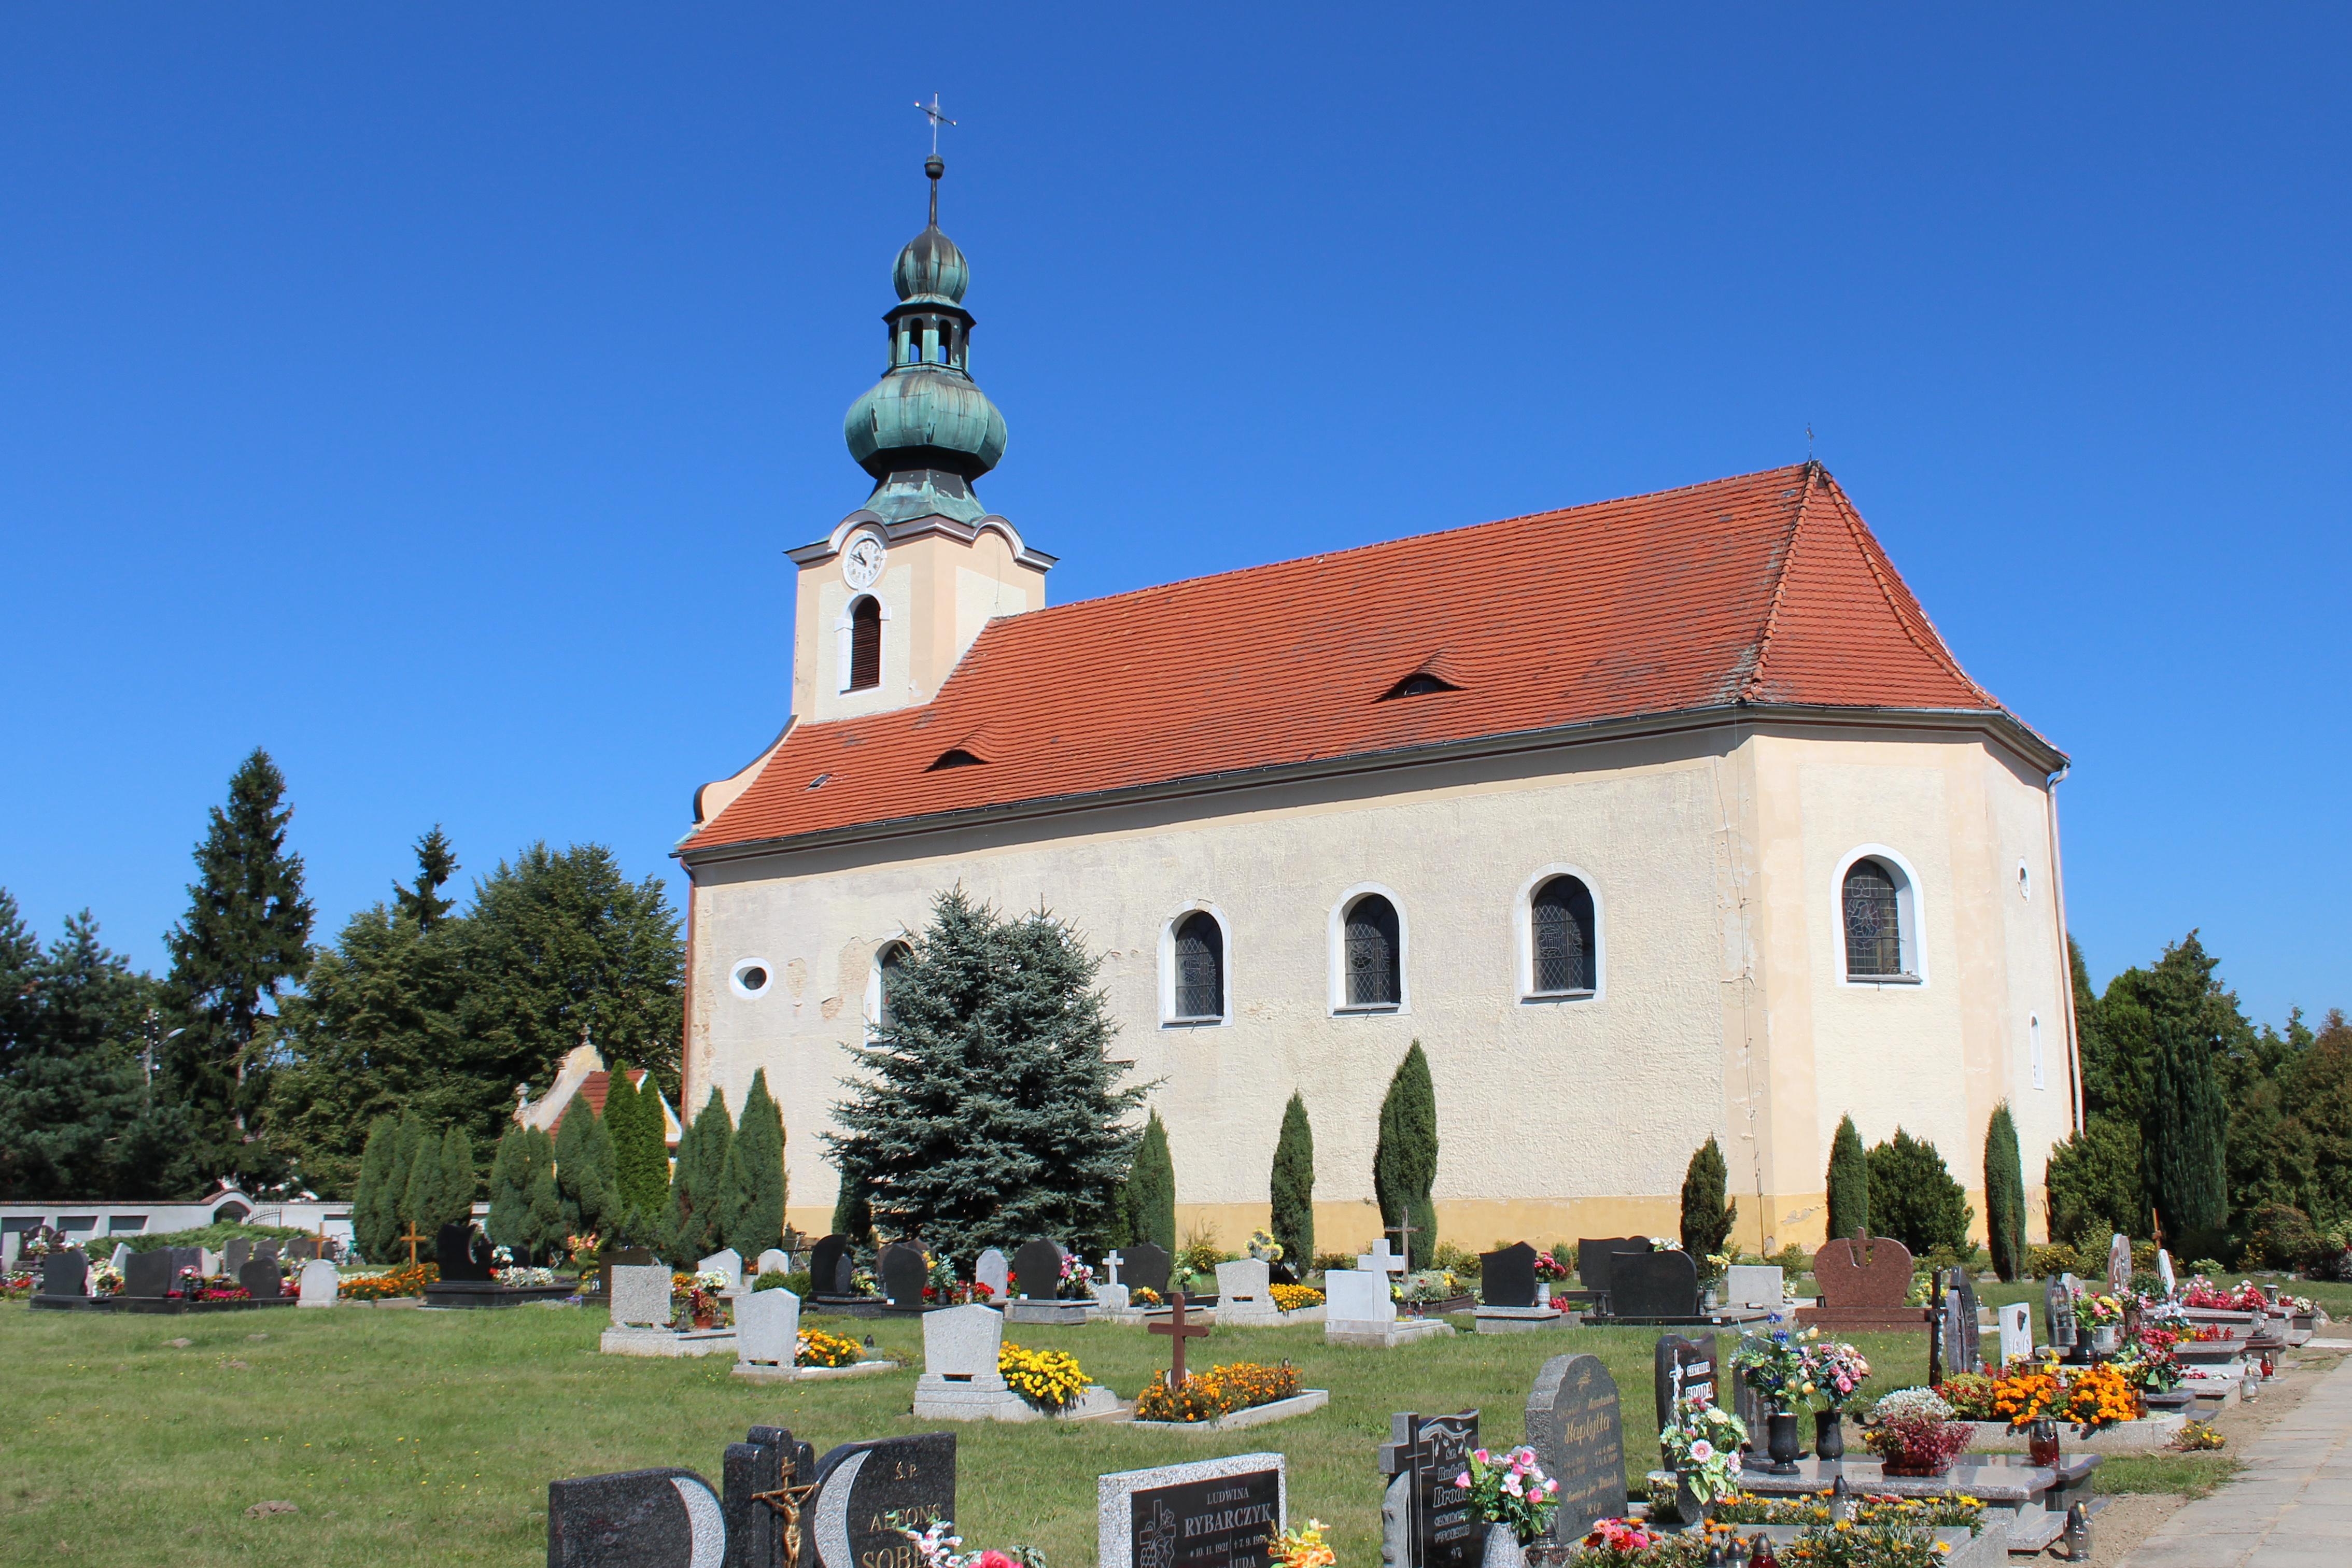 File:2012-06 Przechód 10.jpg - Wikimedia Commons